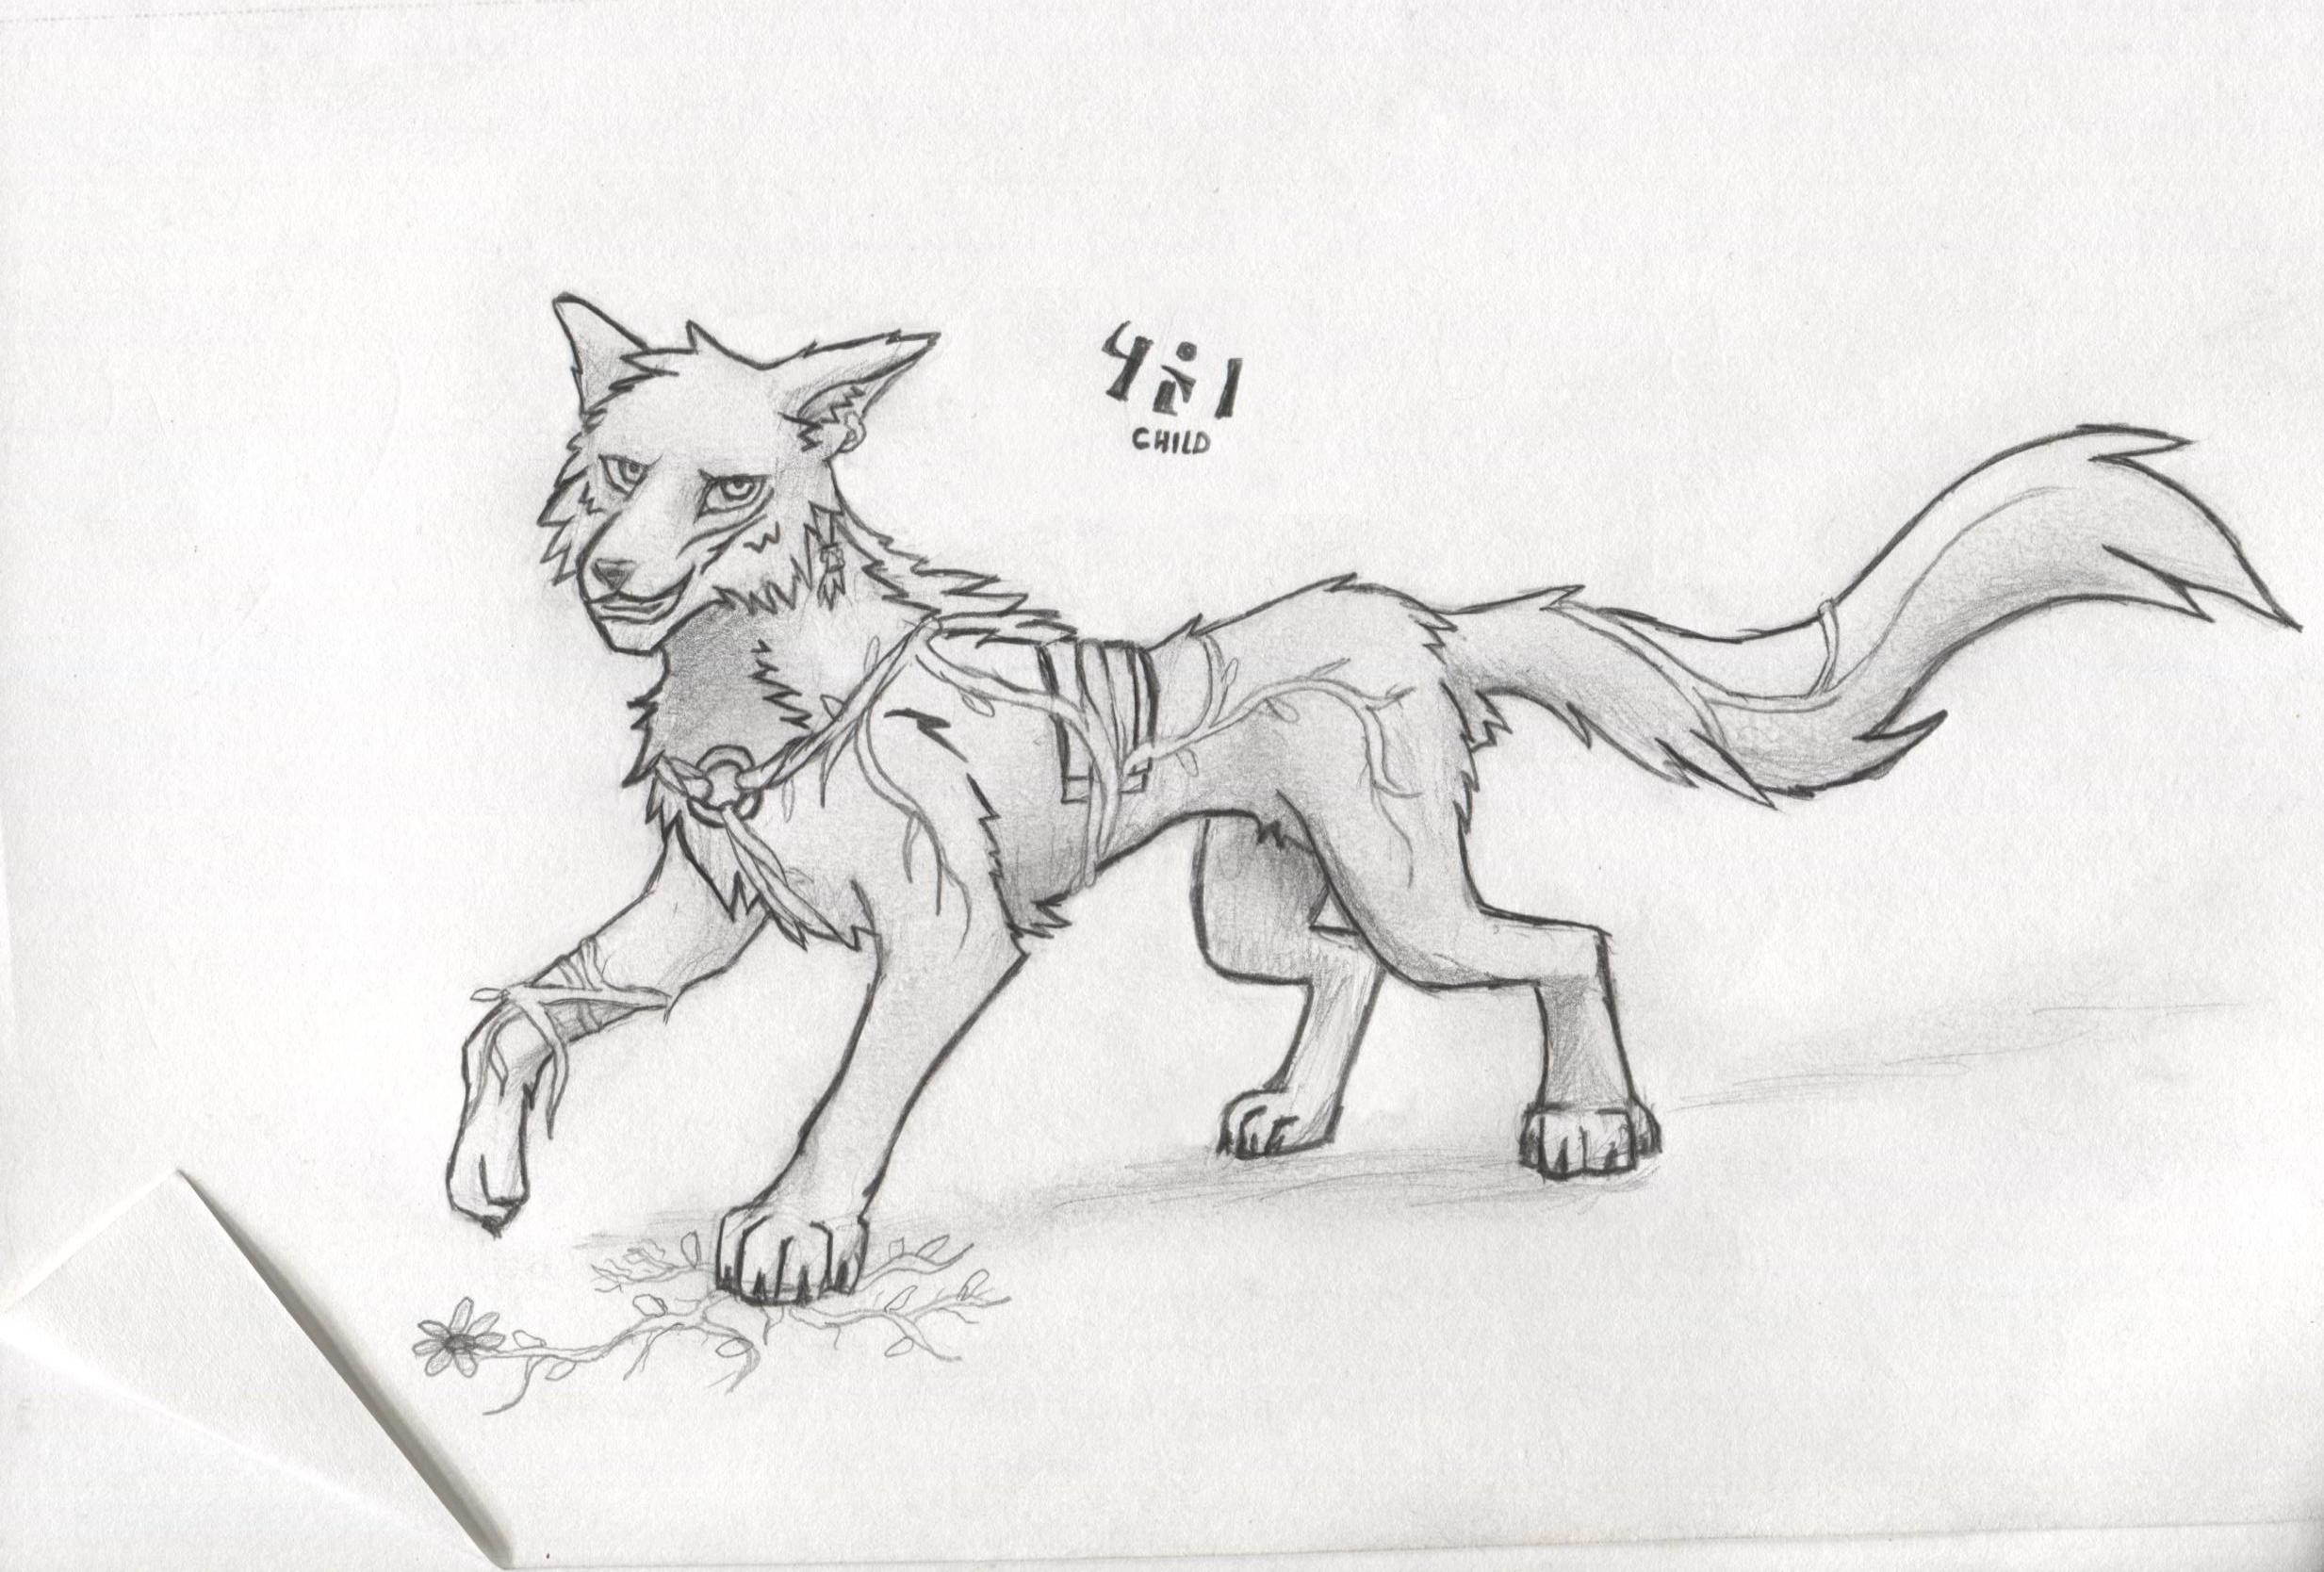 Child Wolf sketch